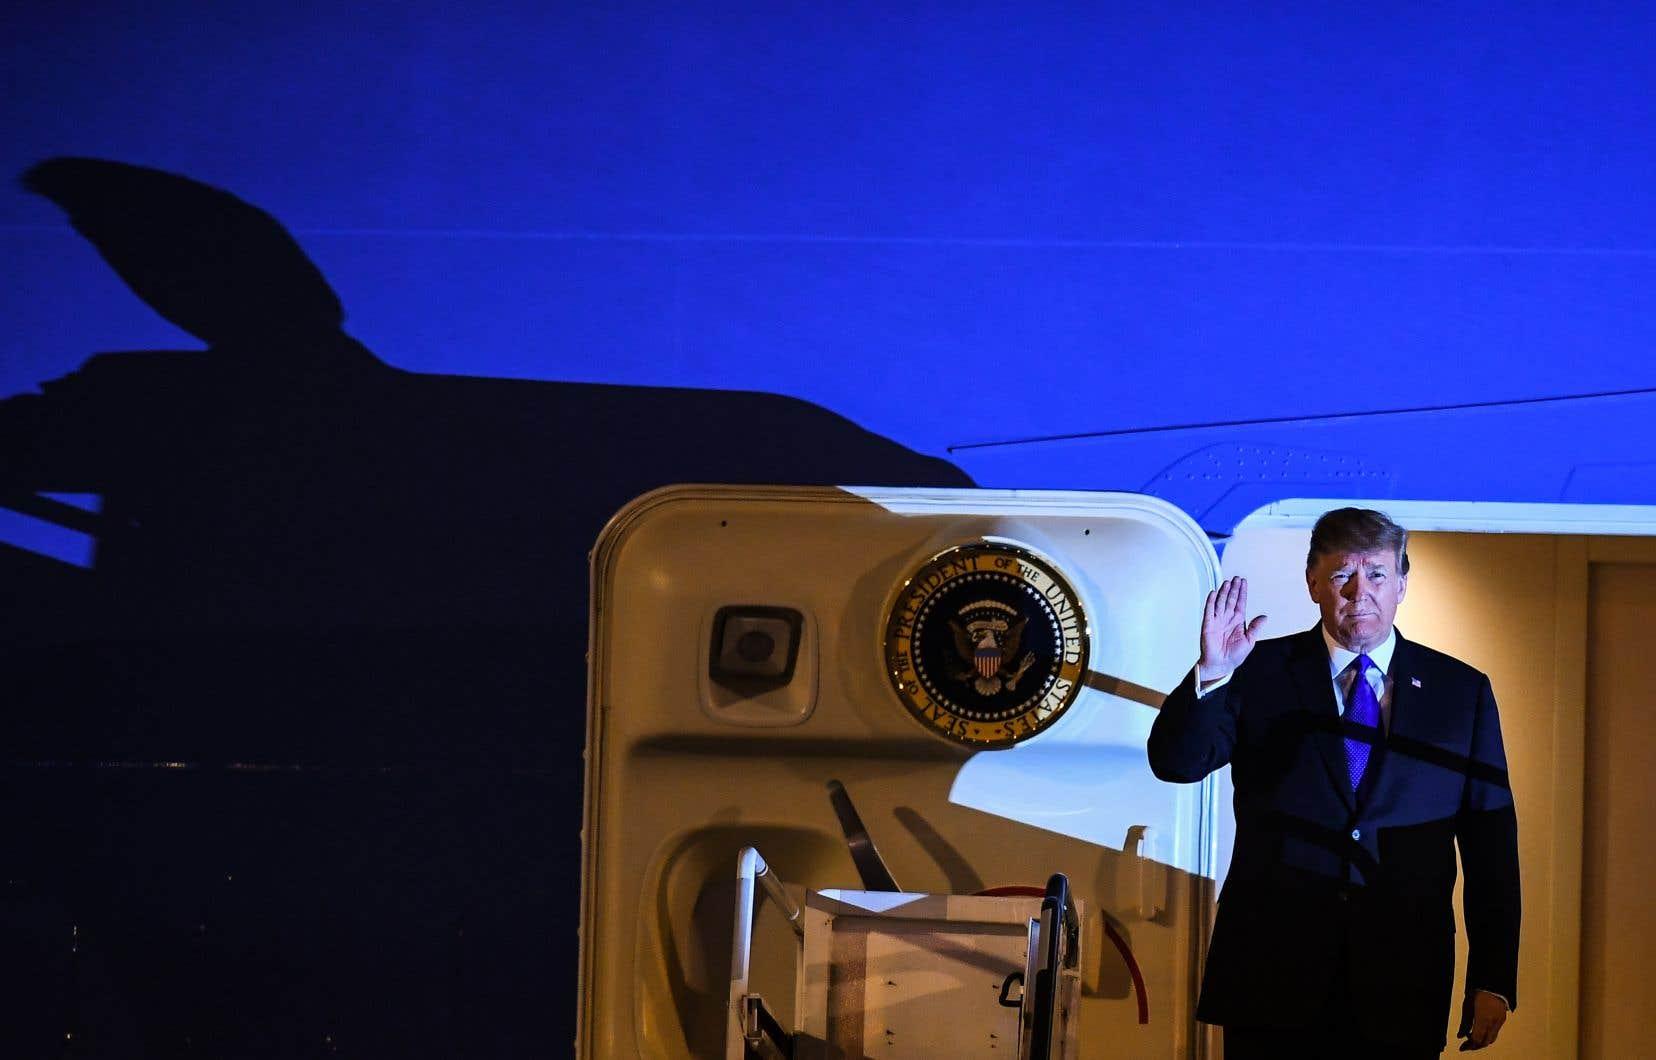 L'avion présidentiel «Air Force One» s'est posé dans la soirée à l'aéroport international Noi Bai après un voyage de plus de 20heures.